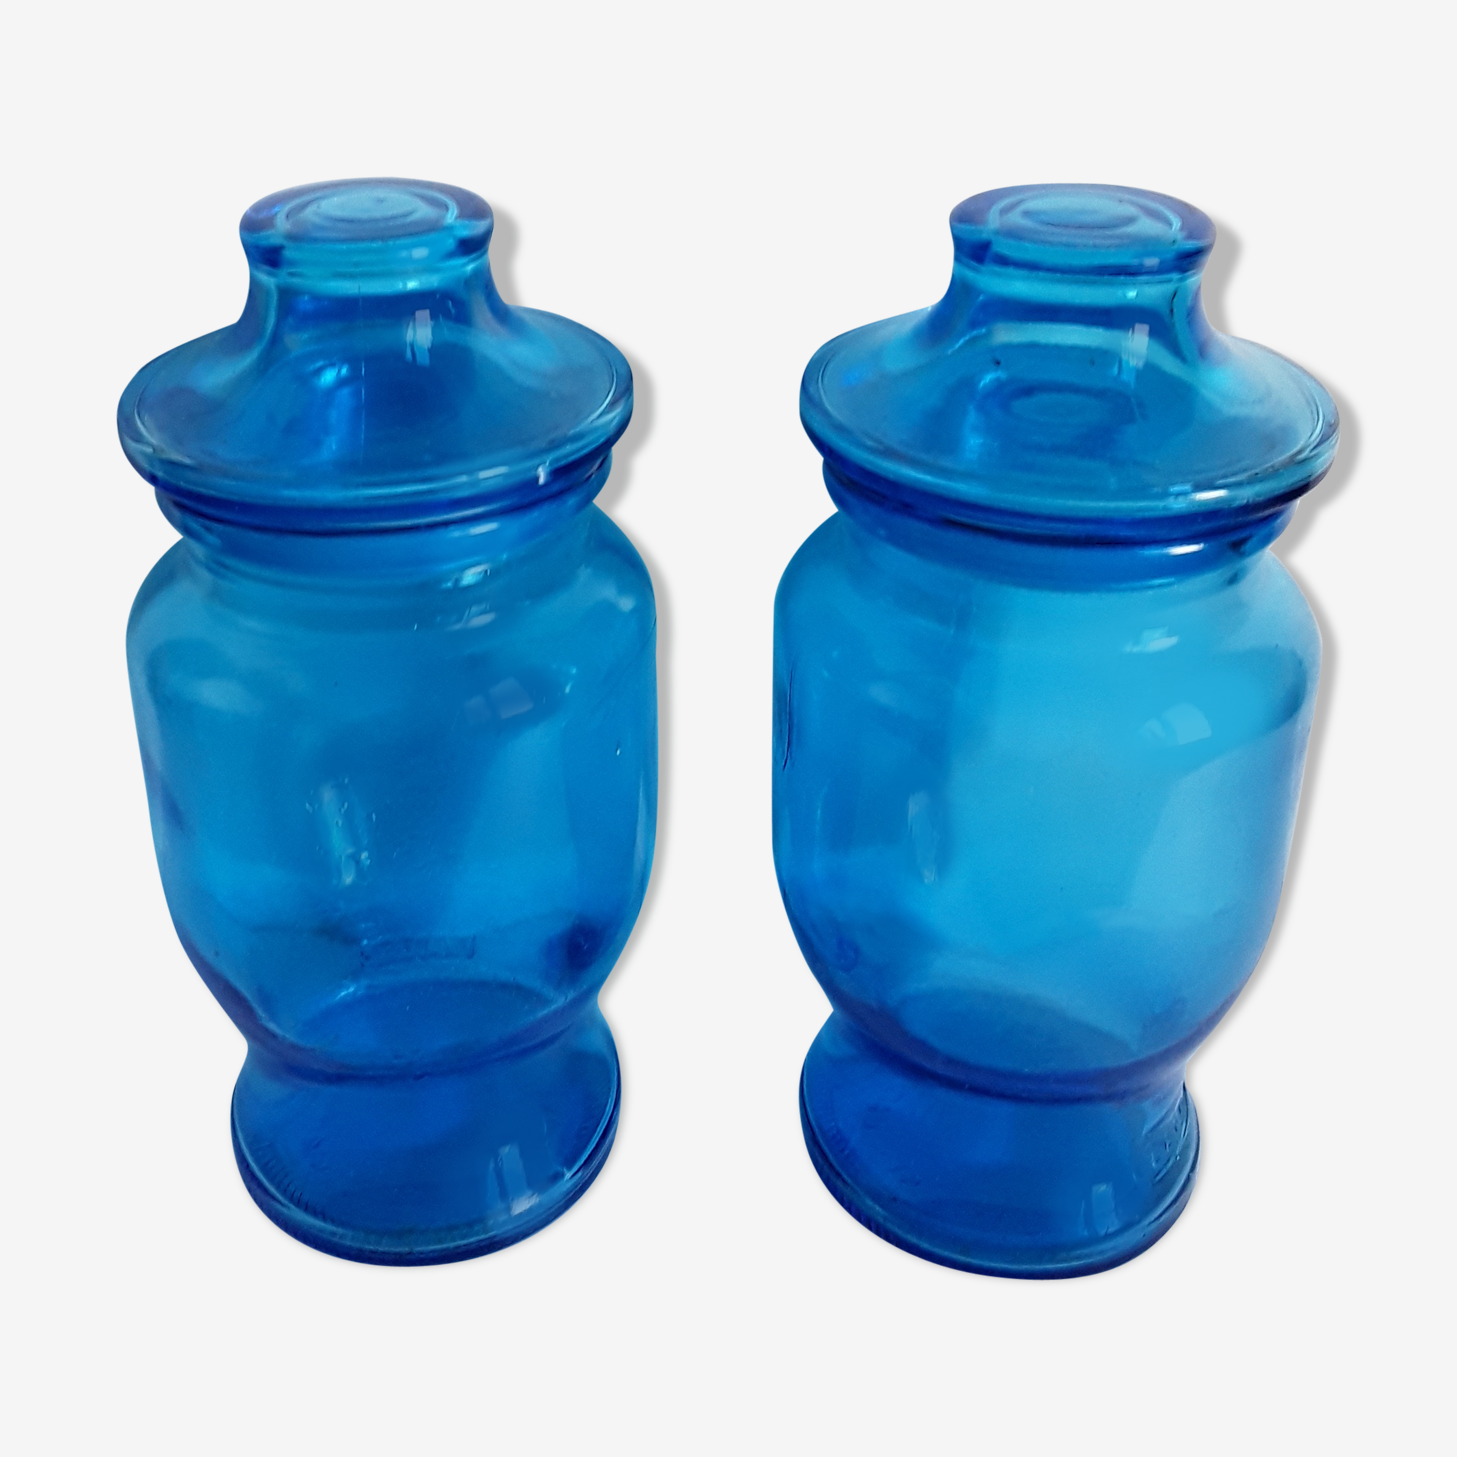 Vintage blue glass bottles 60